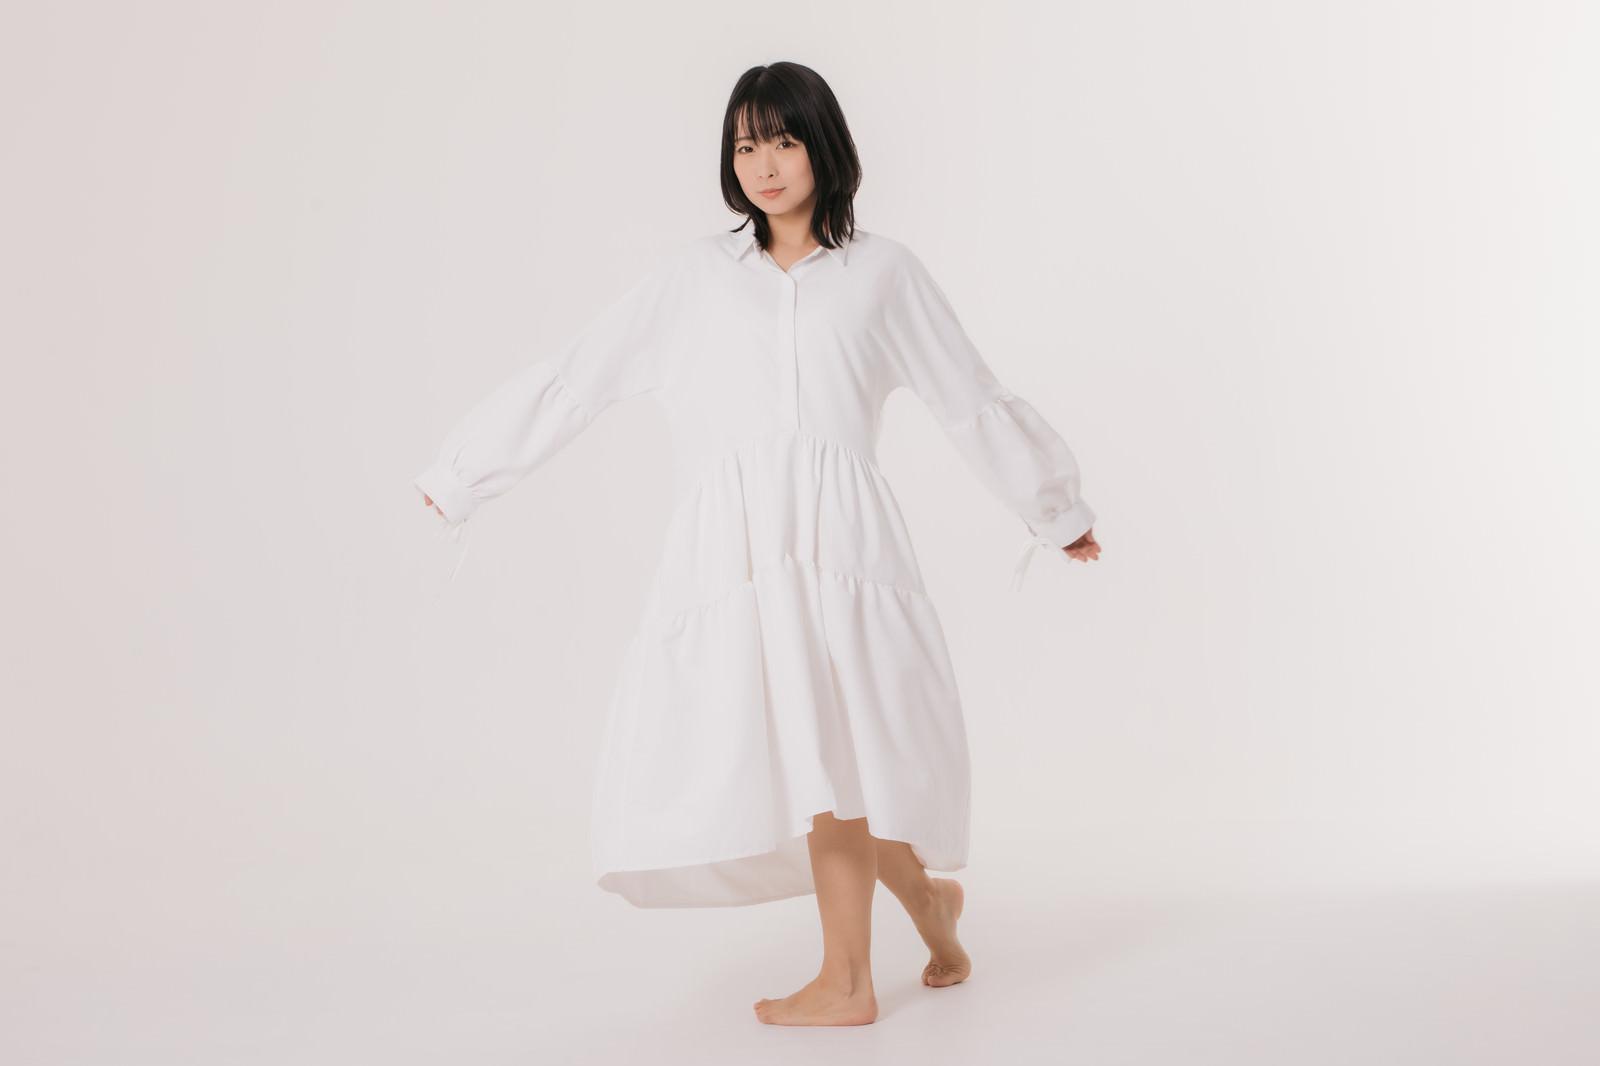 「白いワンピースを試着中の女性モデル」の写真[モデル:にゃるる]